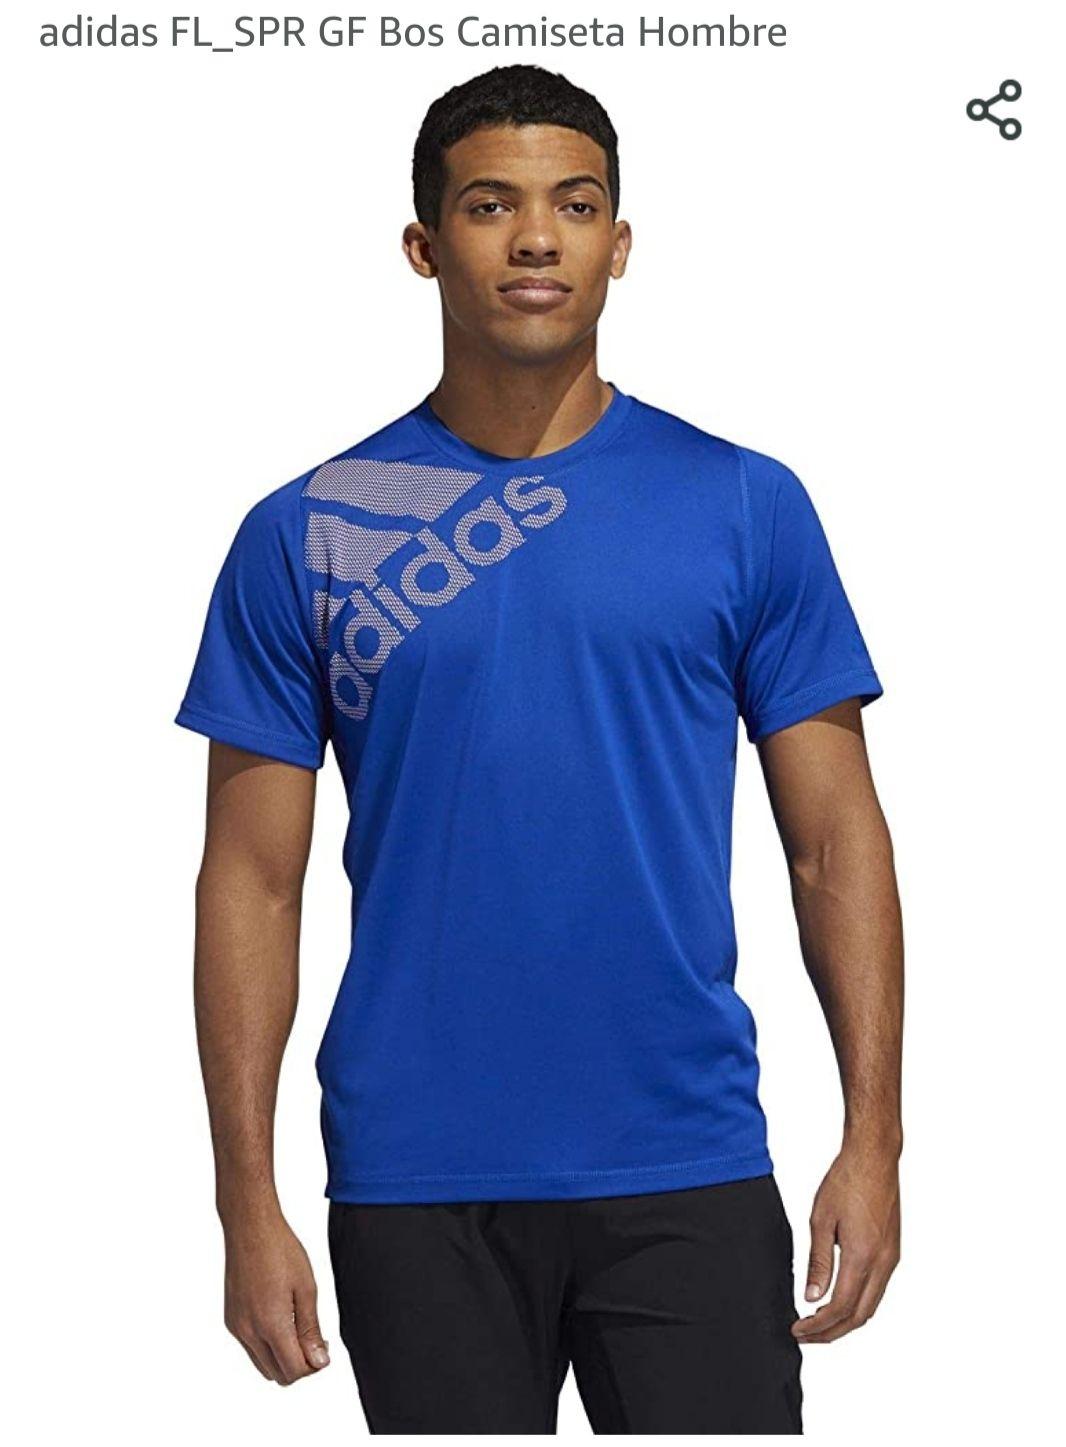 Adidas camiseta hombre (Talla S en azul y roja)